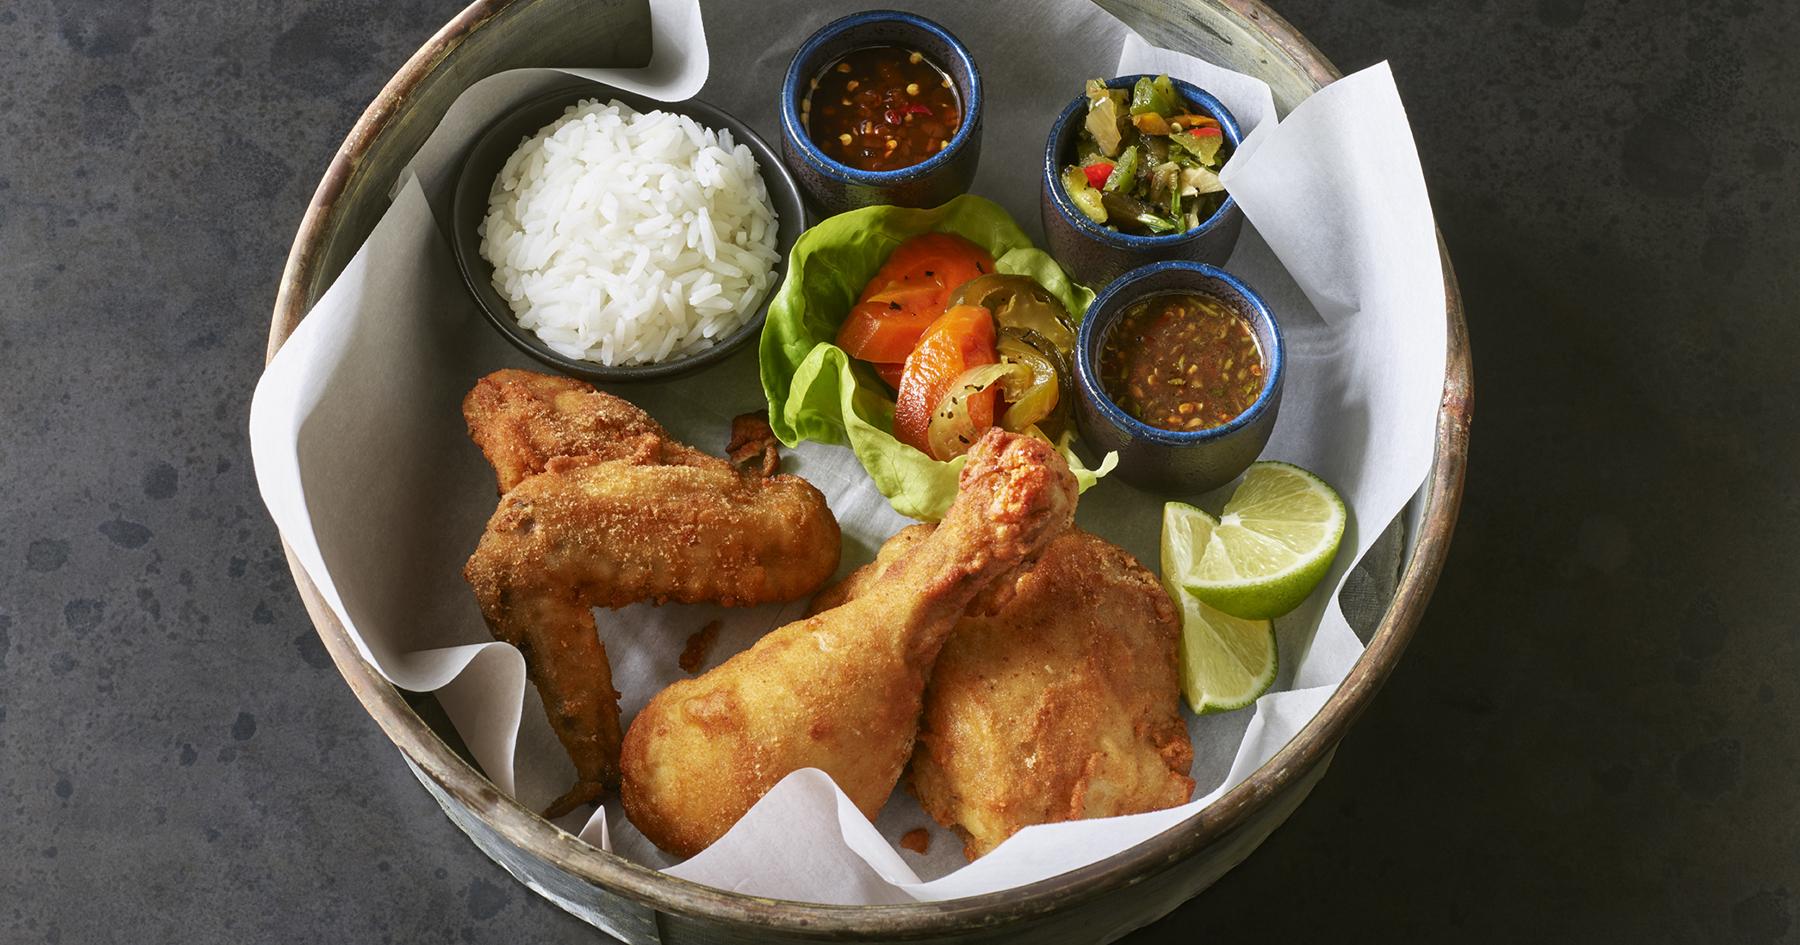 Fried chicken Thai-style